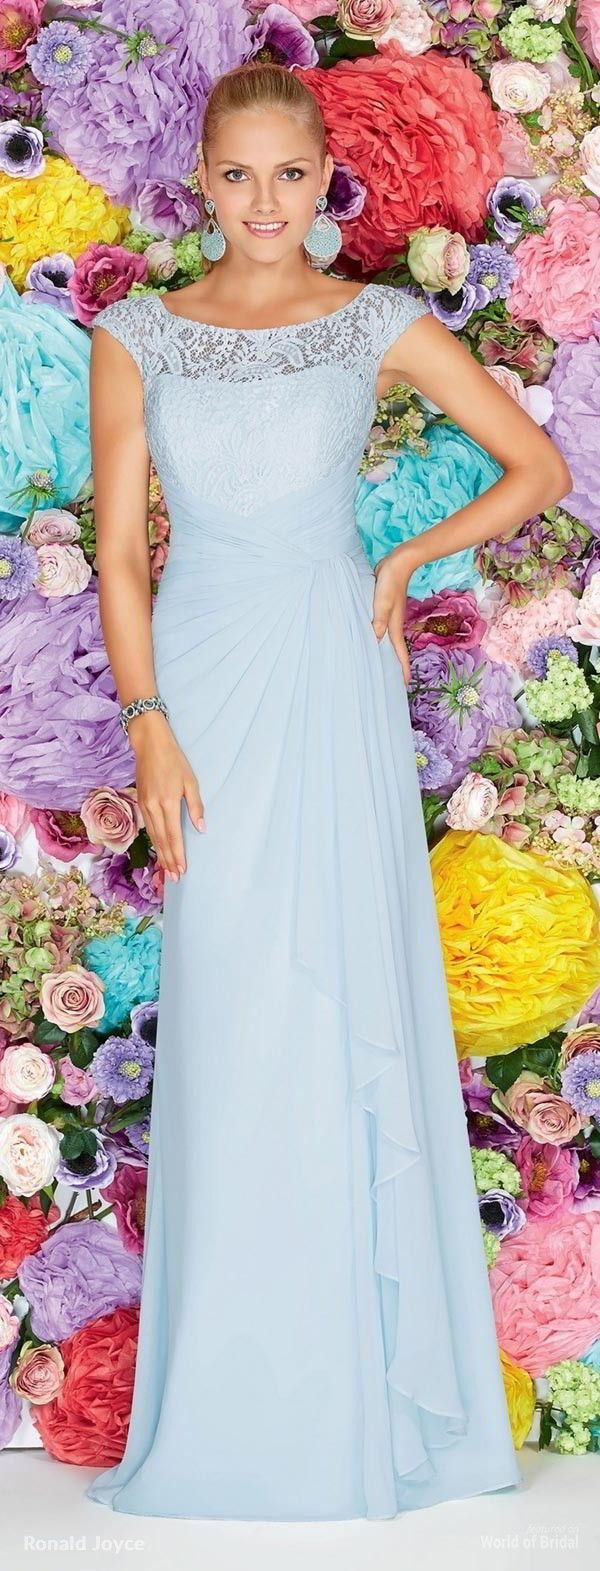 80 besten Dress Bilder auf Pinterest | Lange kleider, Patin kleid ...